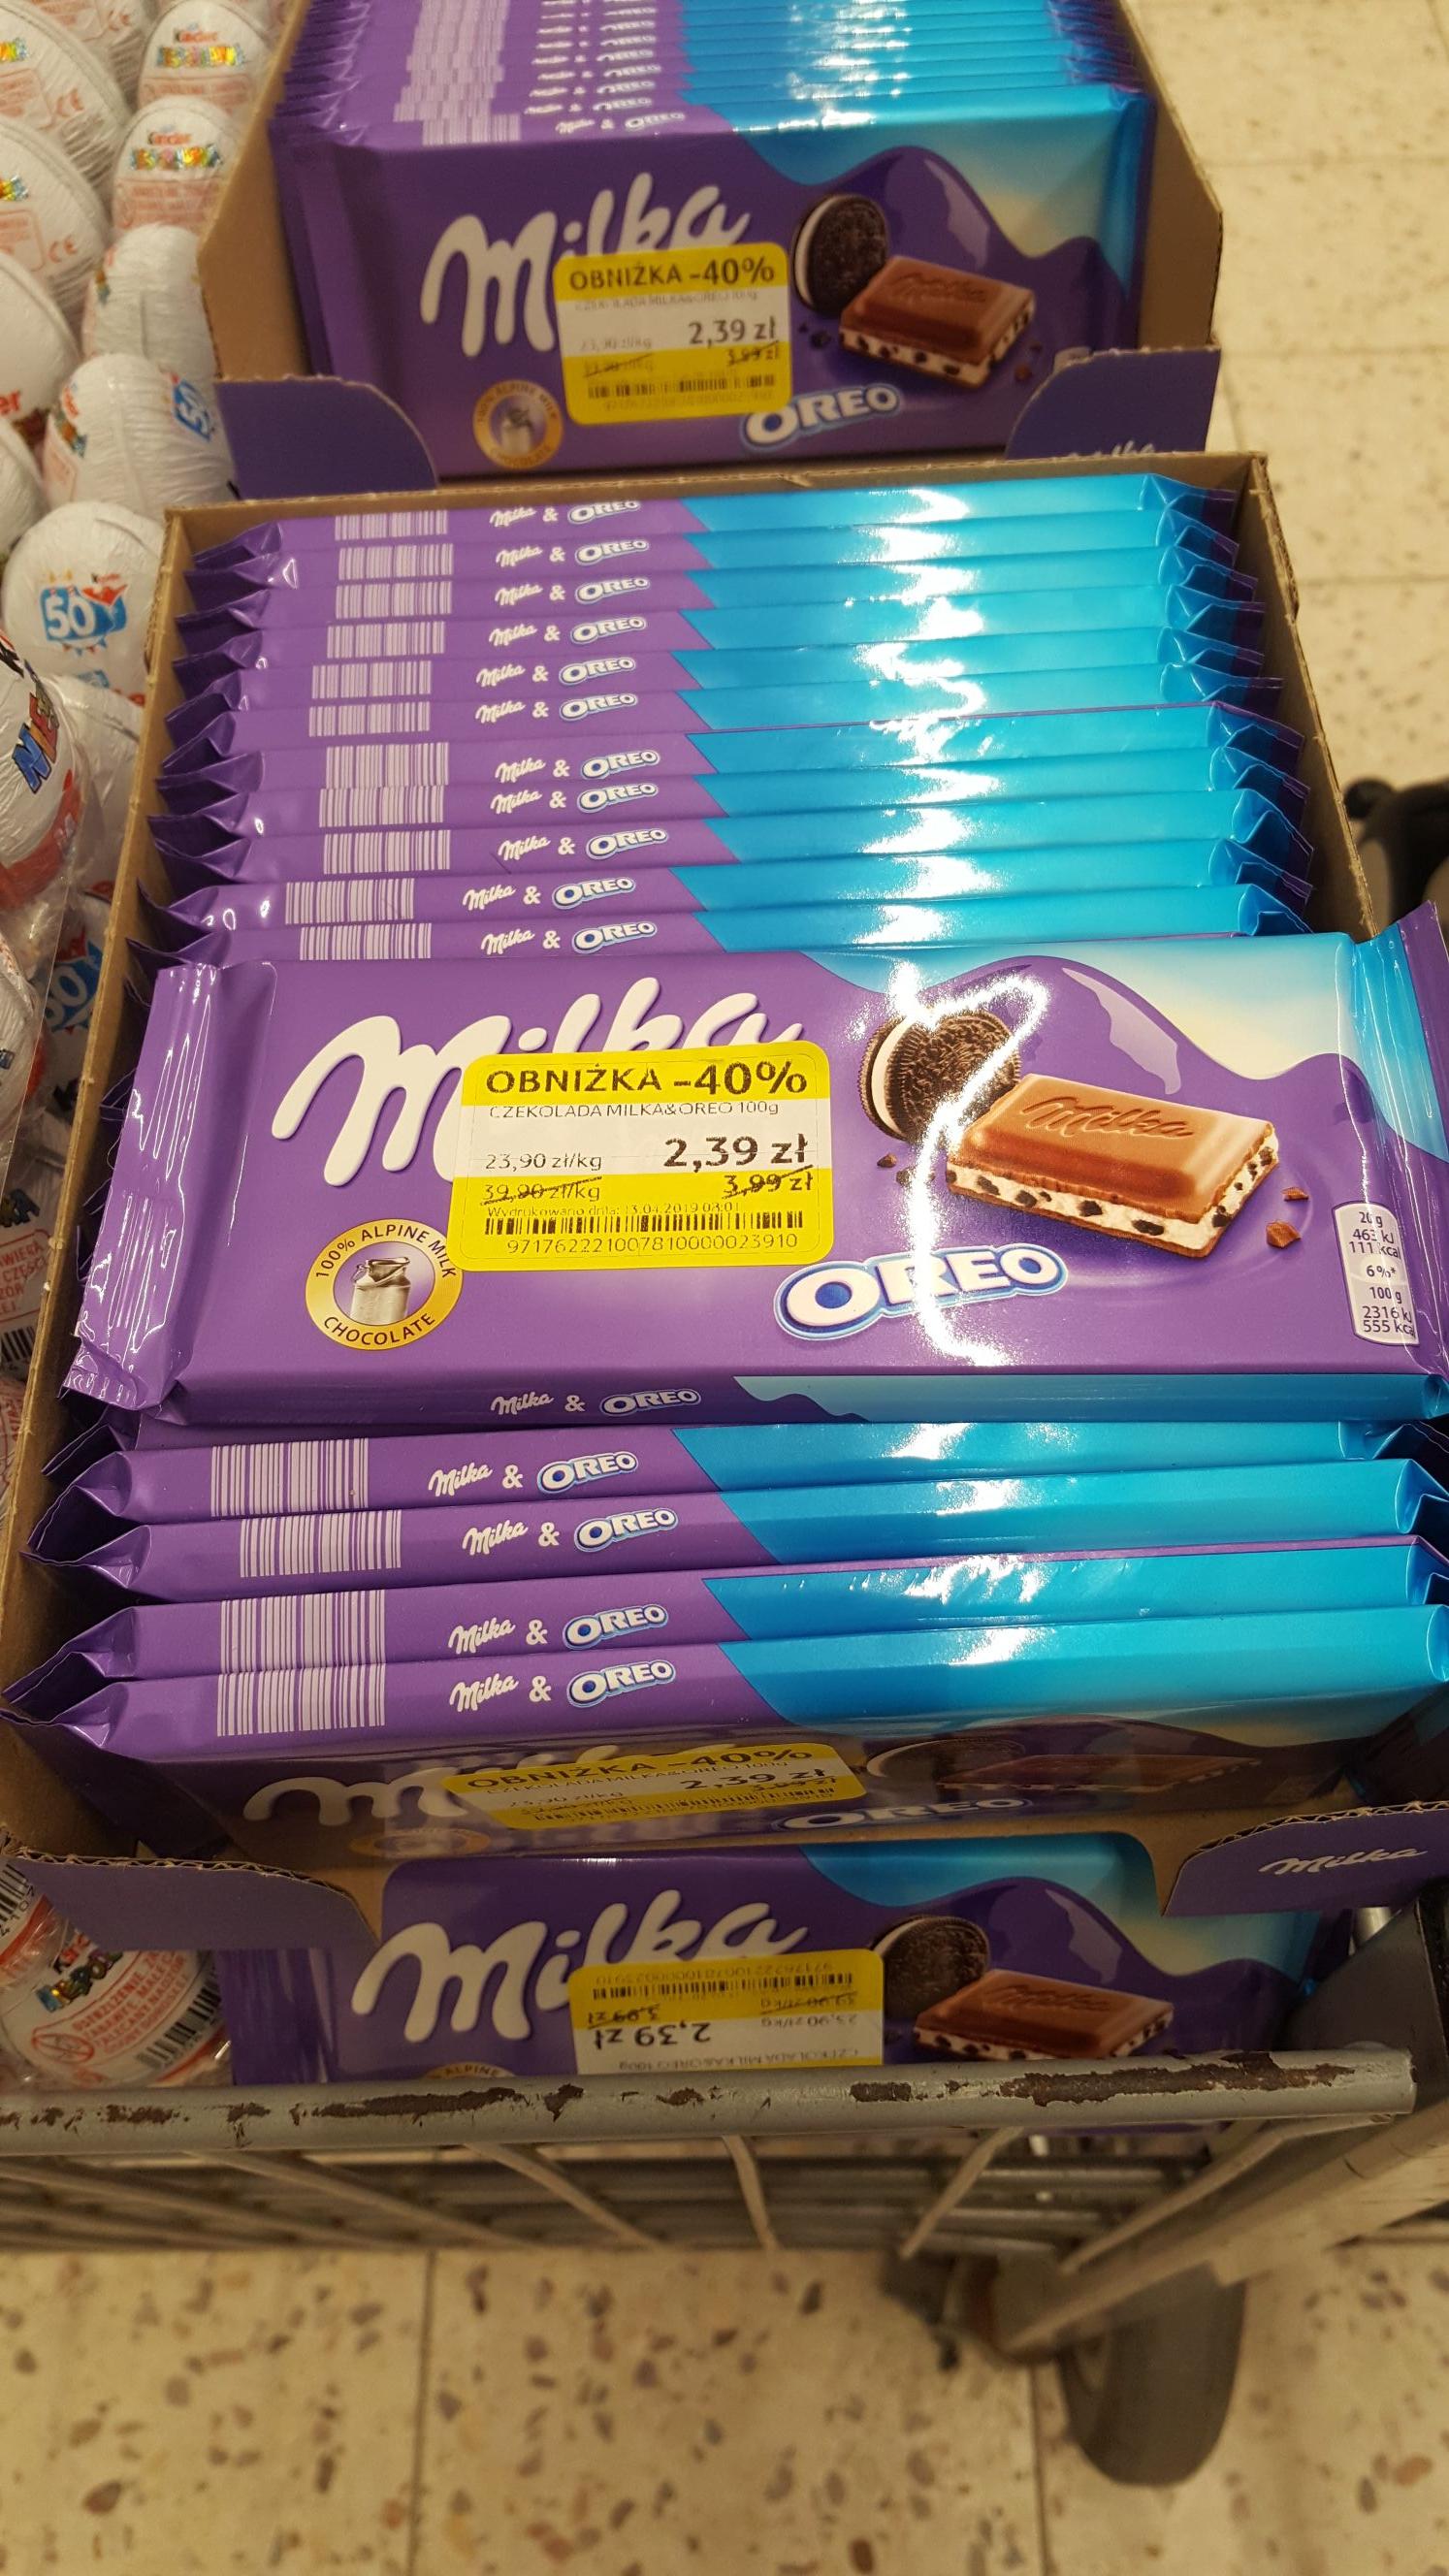 Tesco Kabaty czekolady Milka Oreo-40%, jajka Kinder niespodzianka -60%, batoniki Milka Strawberry -50%